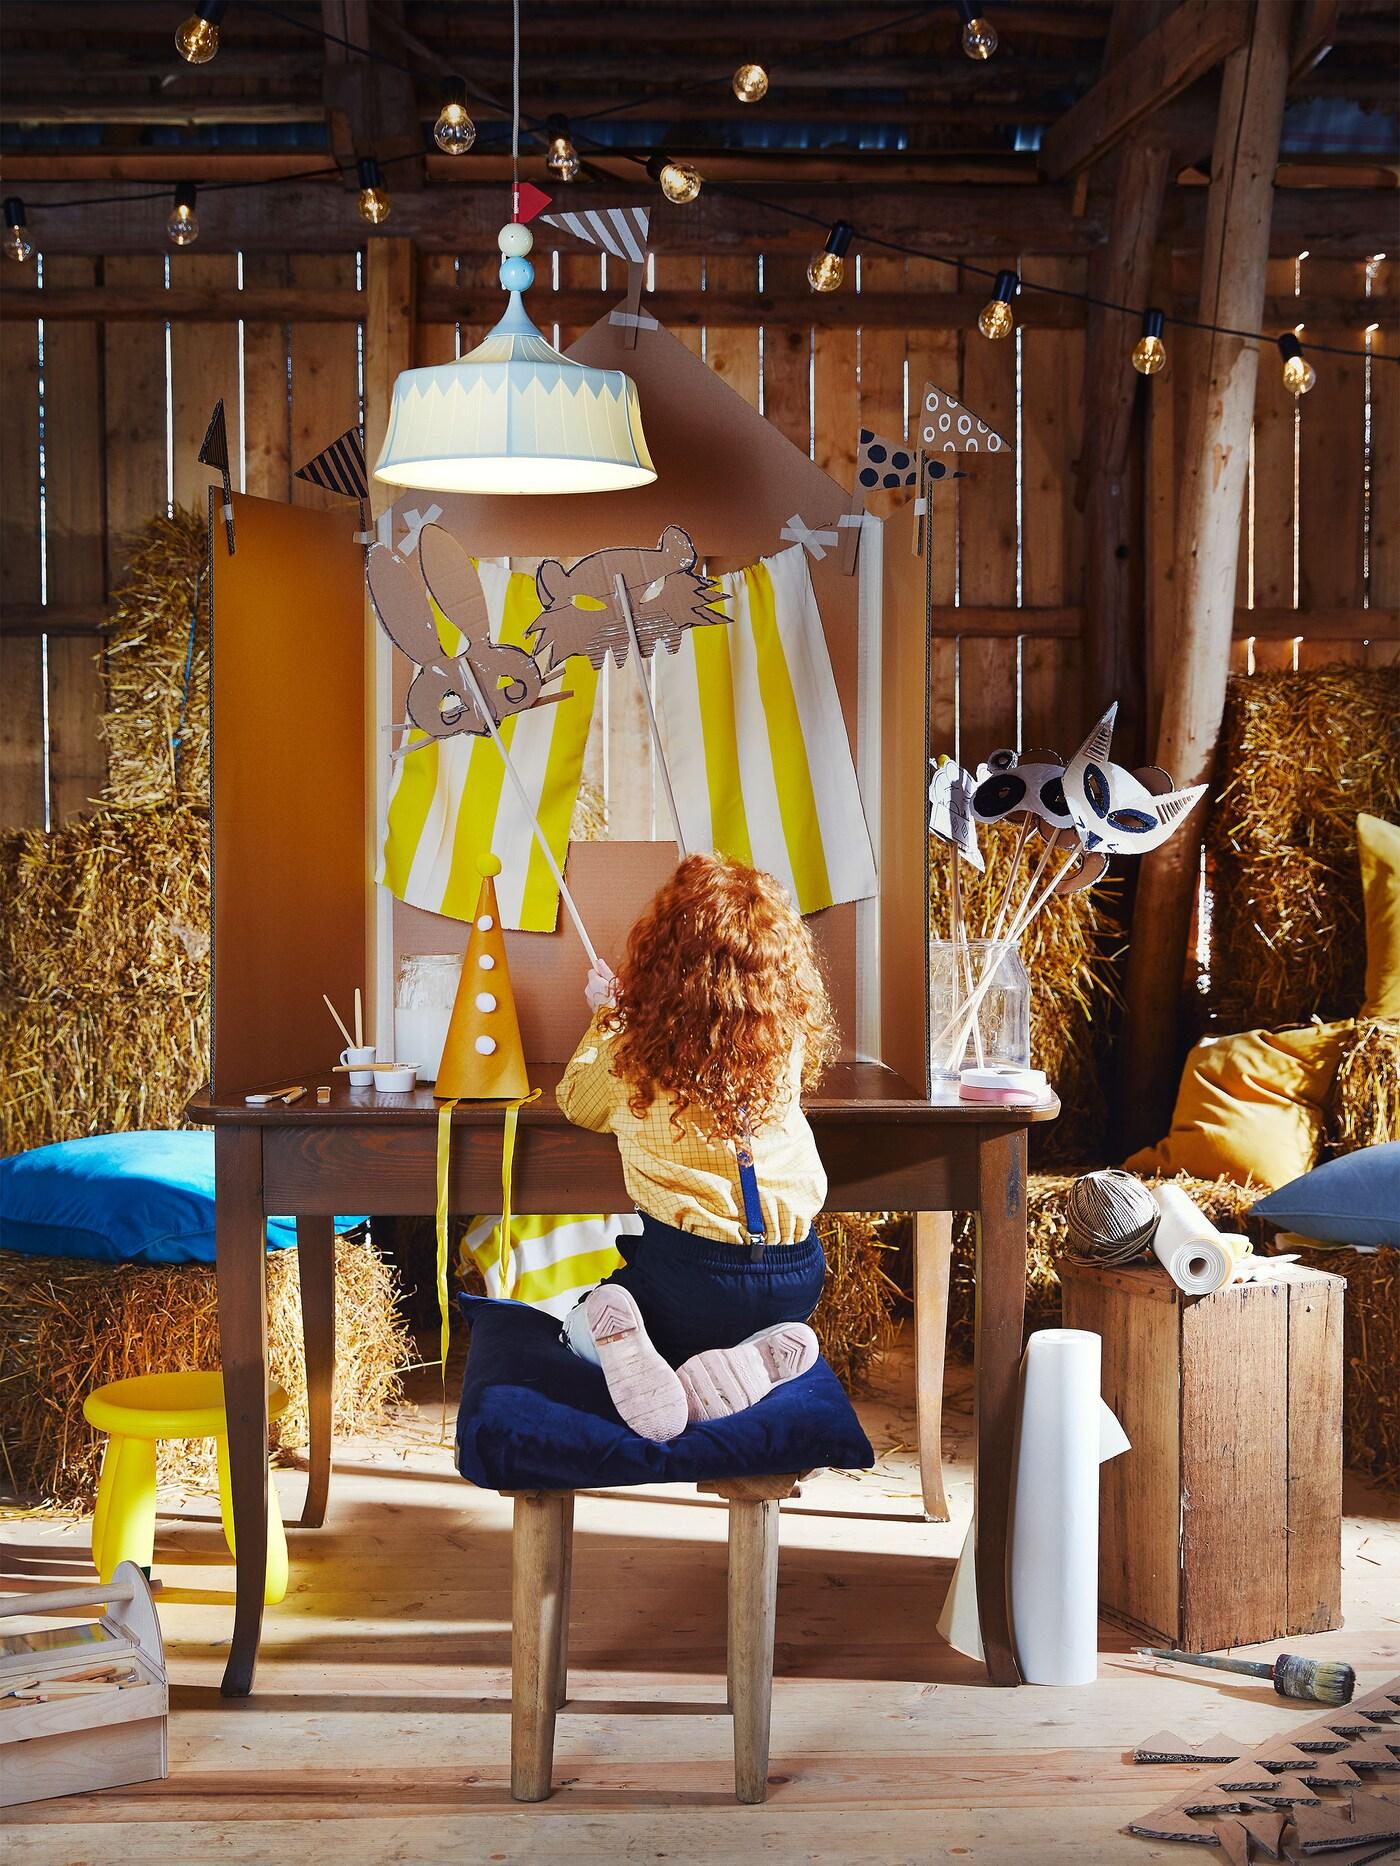 Ein Kind inszeniert ein Puppentheater unter TROLLBO Hängeleuchte hellgrün. Ihre Zirkuszeltform füllt jeden Tag mit einer Extraportion Spaß.